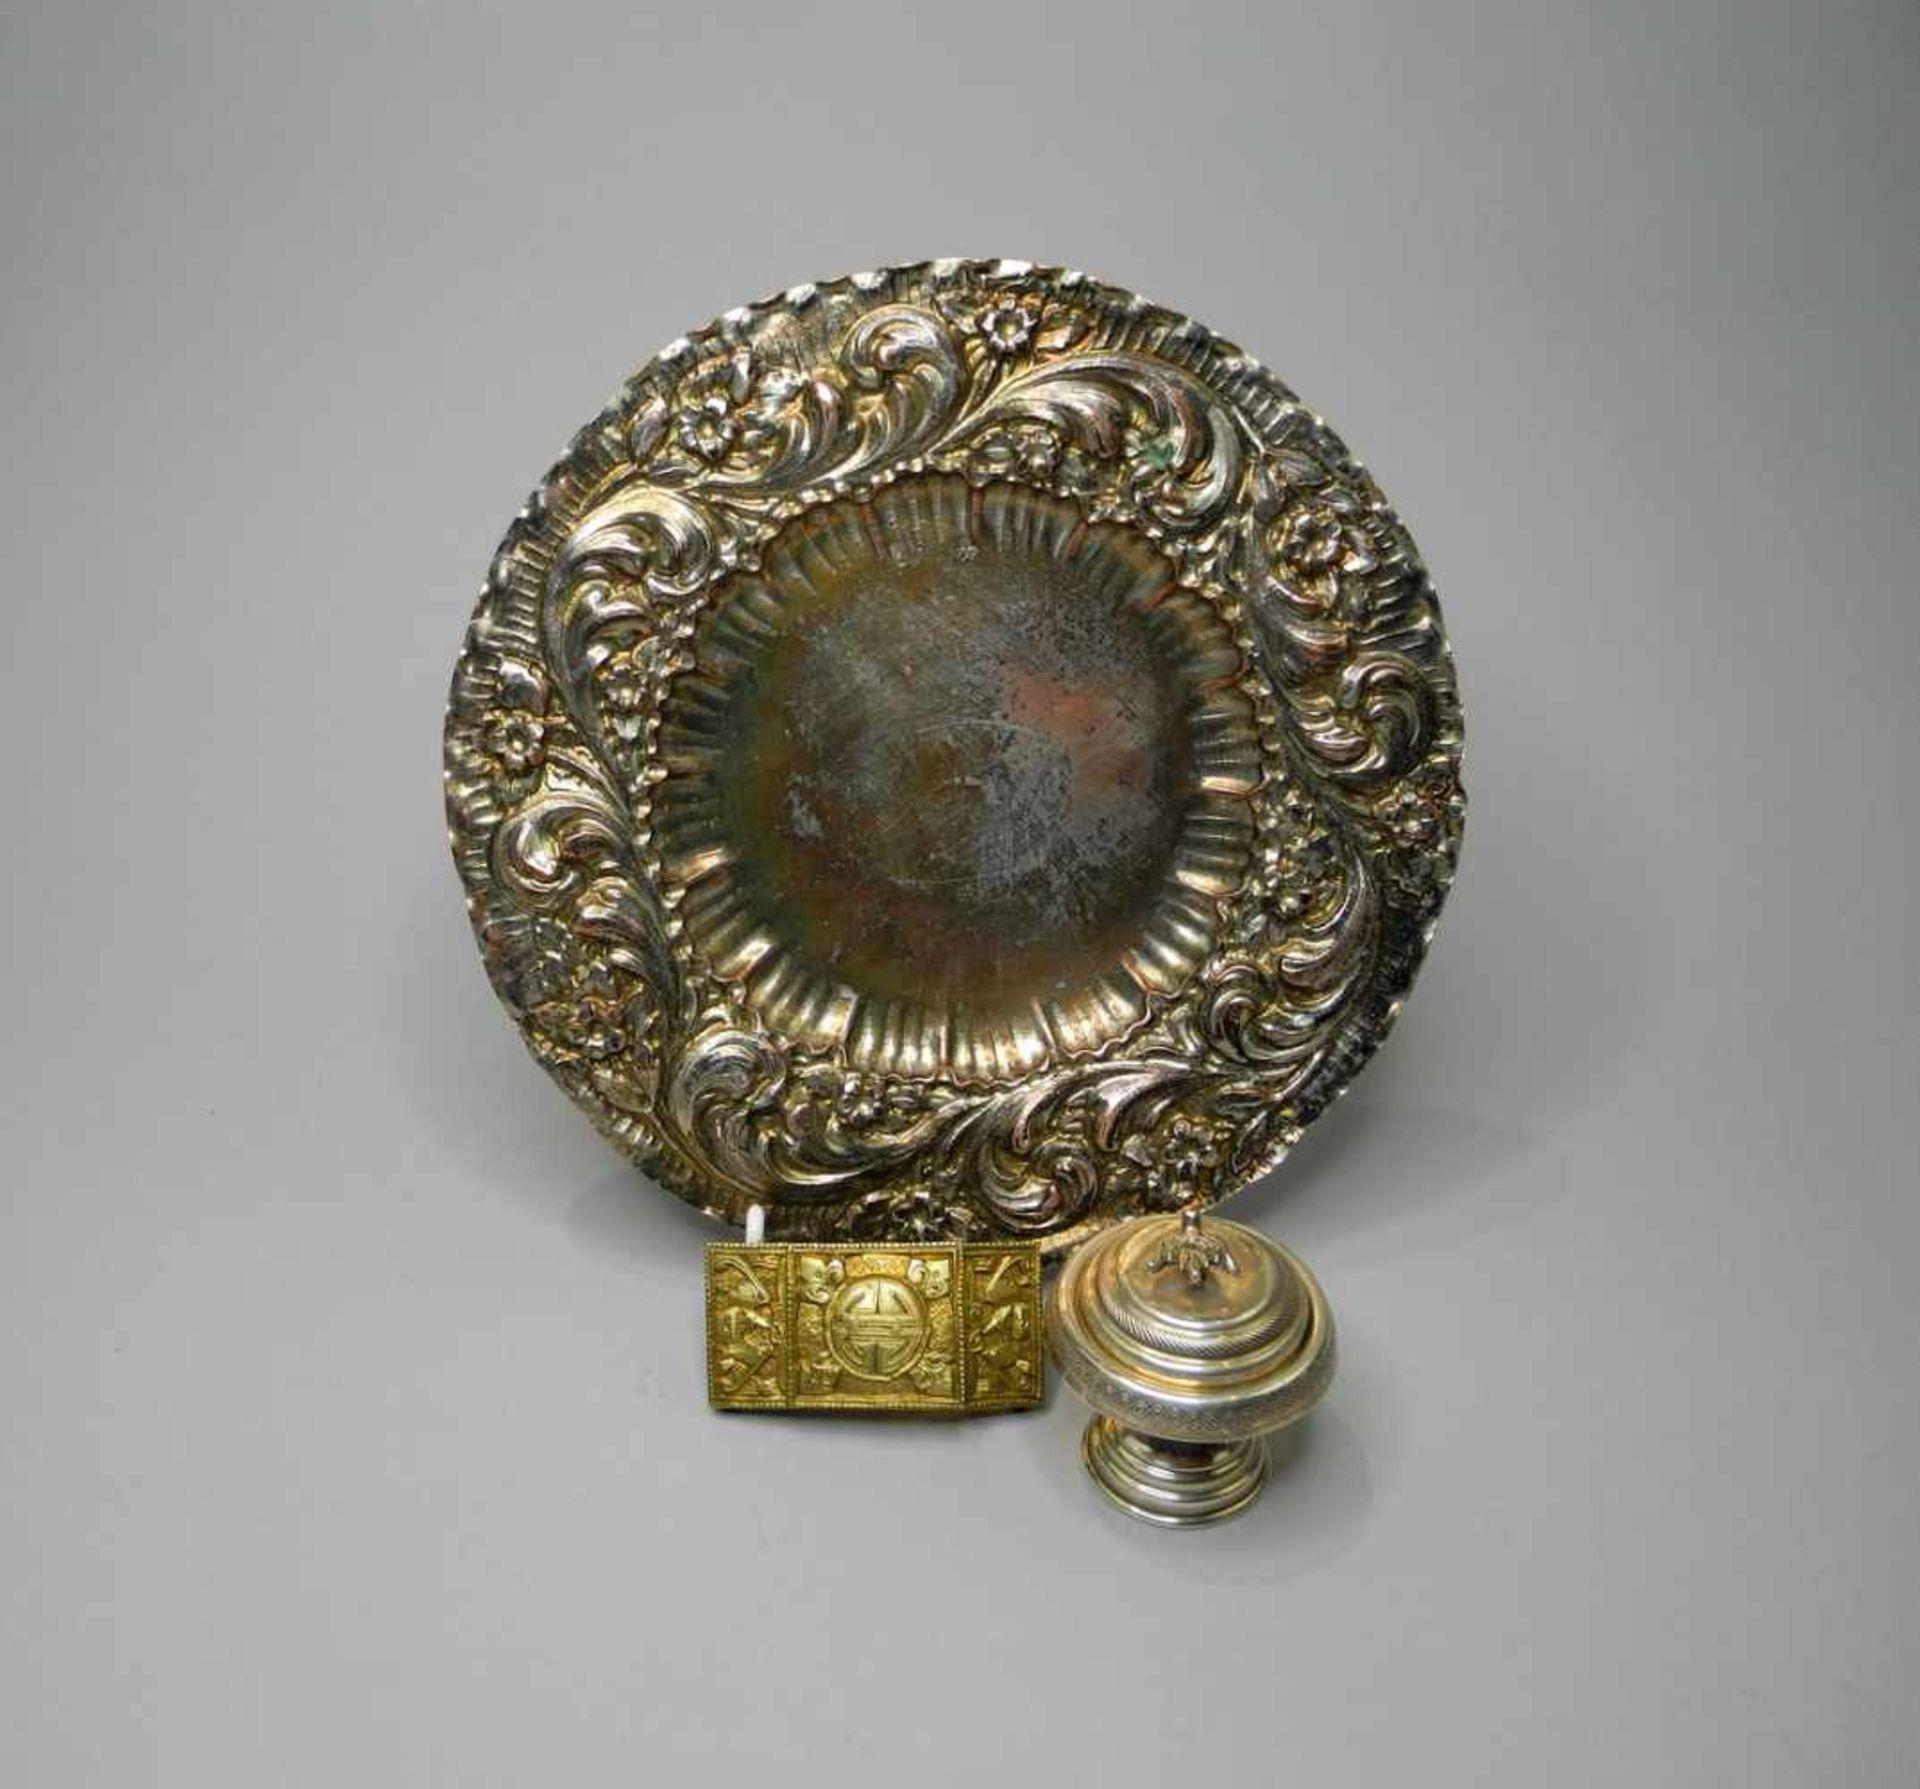 Los 46 - Kleines Konvolut von SilberSilber 800, mehrfach punziert, Punzen wohl Neresheim und Persien. 3-